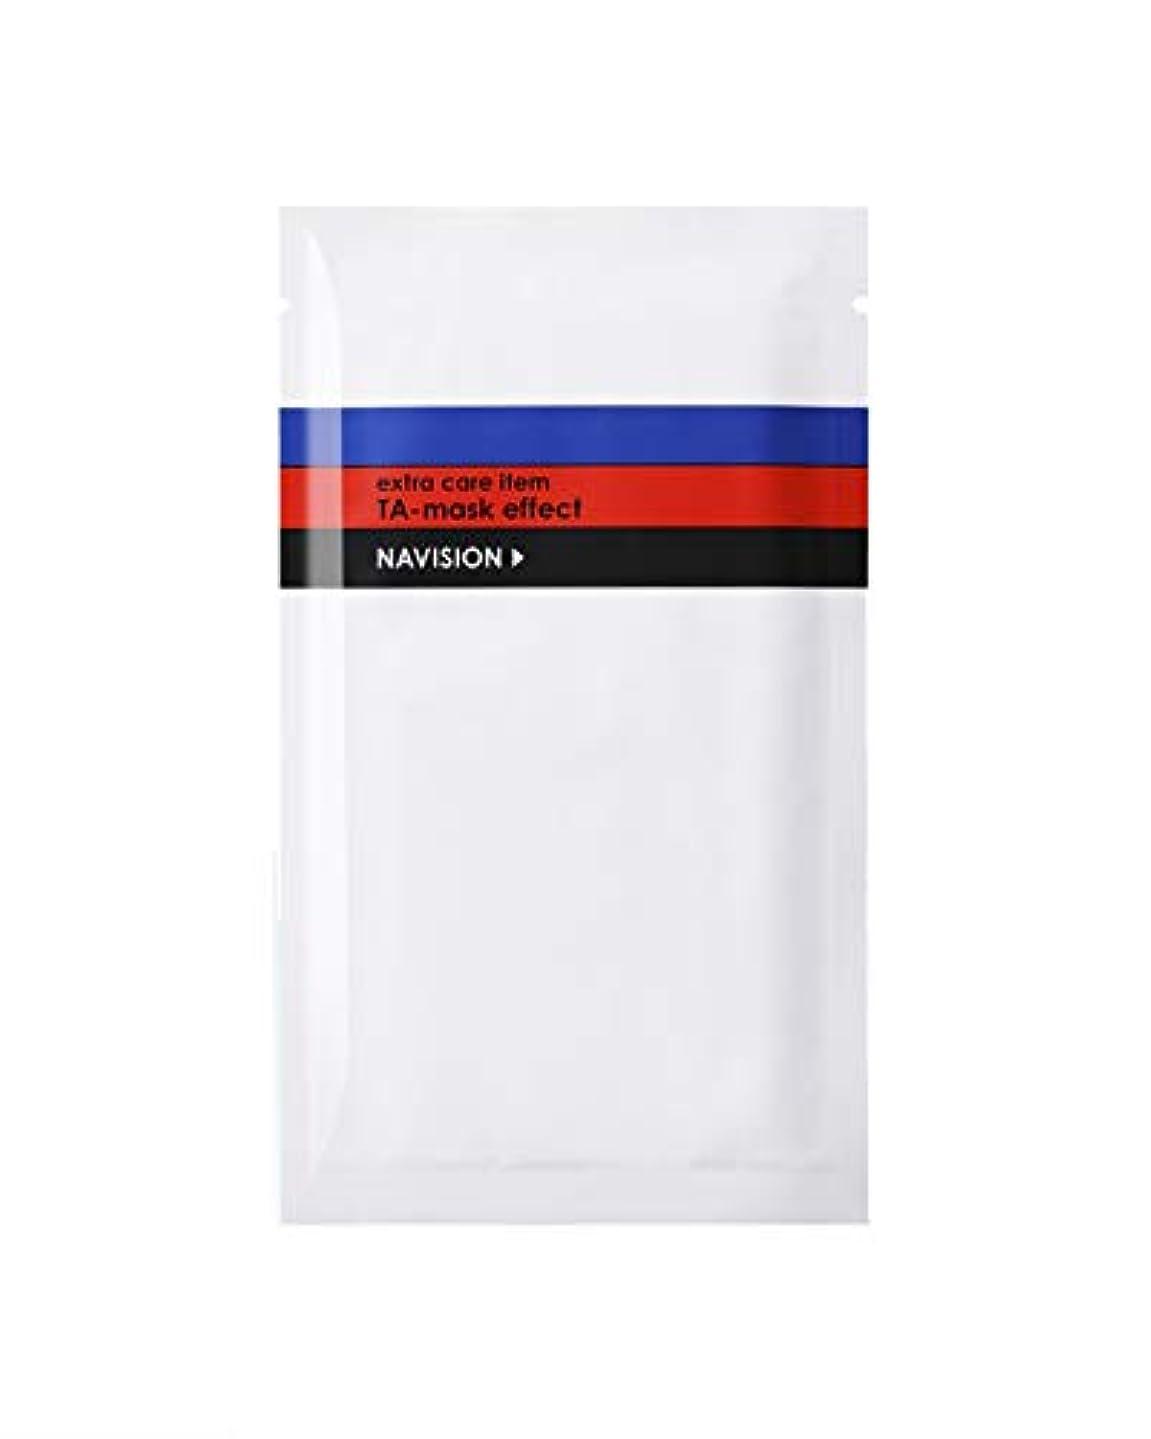 シプリー牧師実施するナビジョン NAVISION TAマスクエフェクト ~ニキビのもとになりにくい処方 薬用美白マスク